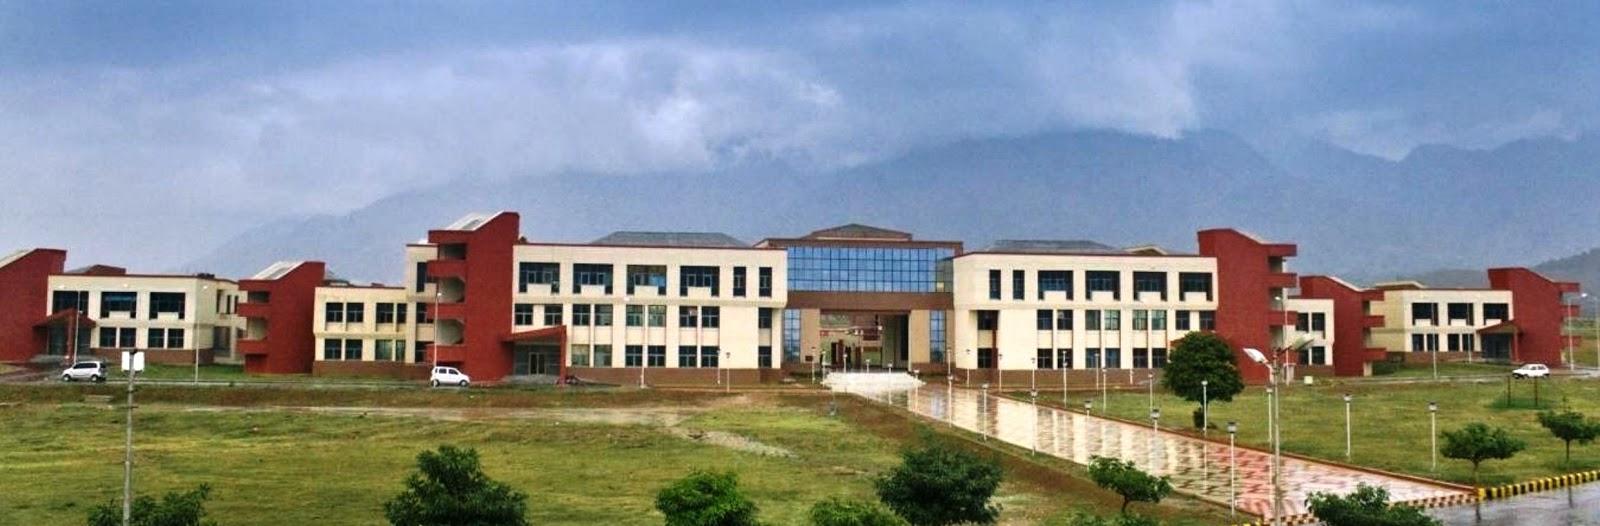 SMVDU (Shri Mata Vaishno Devi University) Image